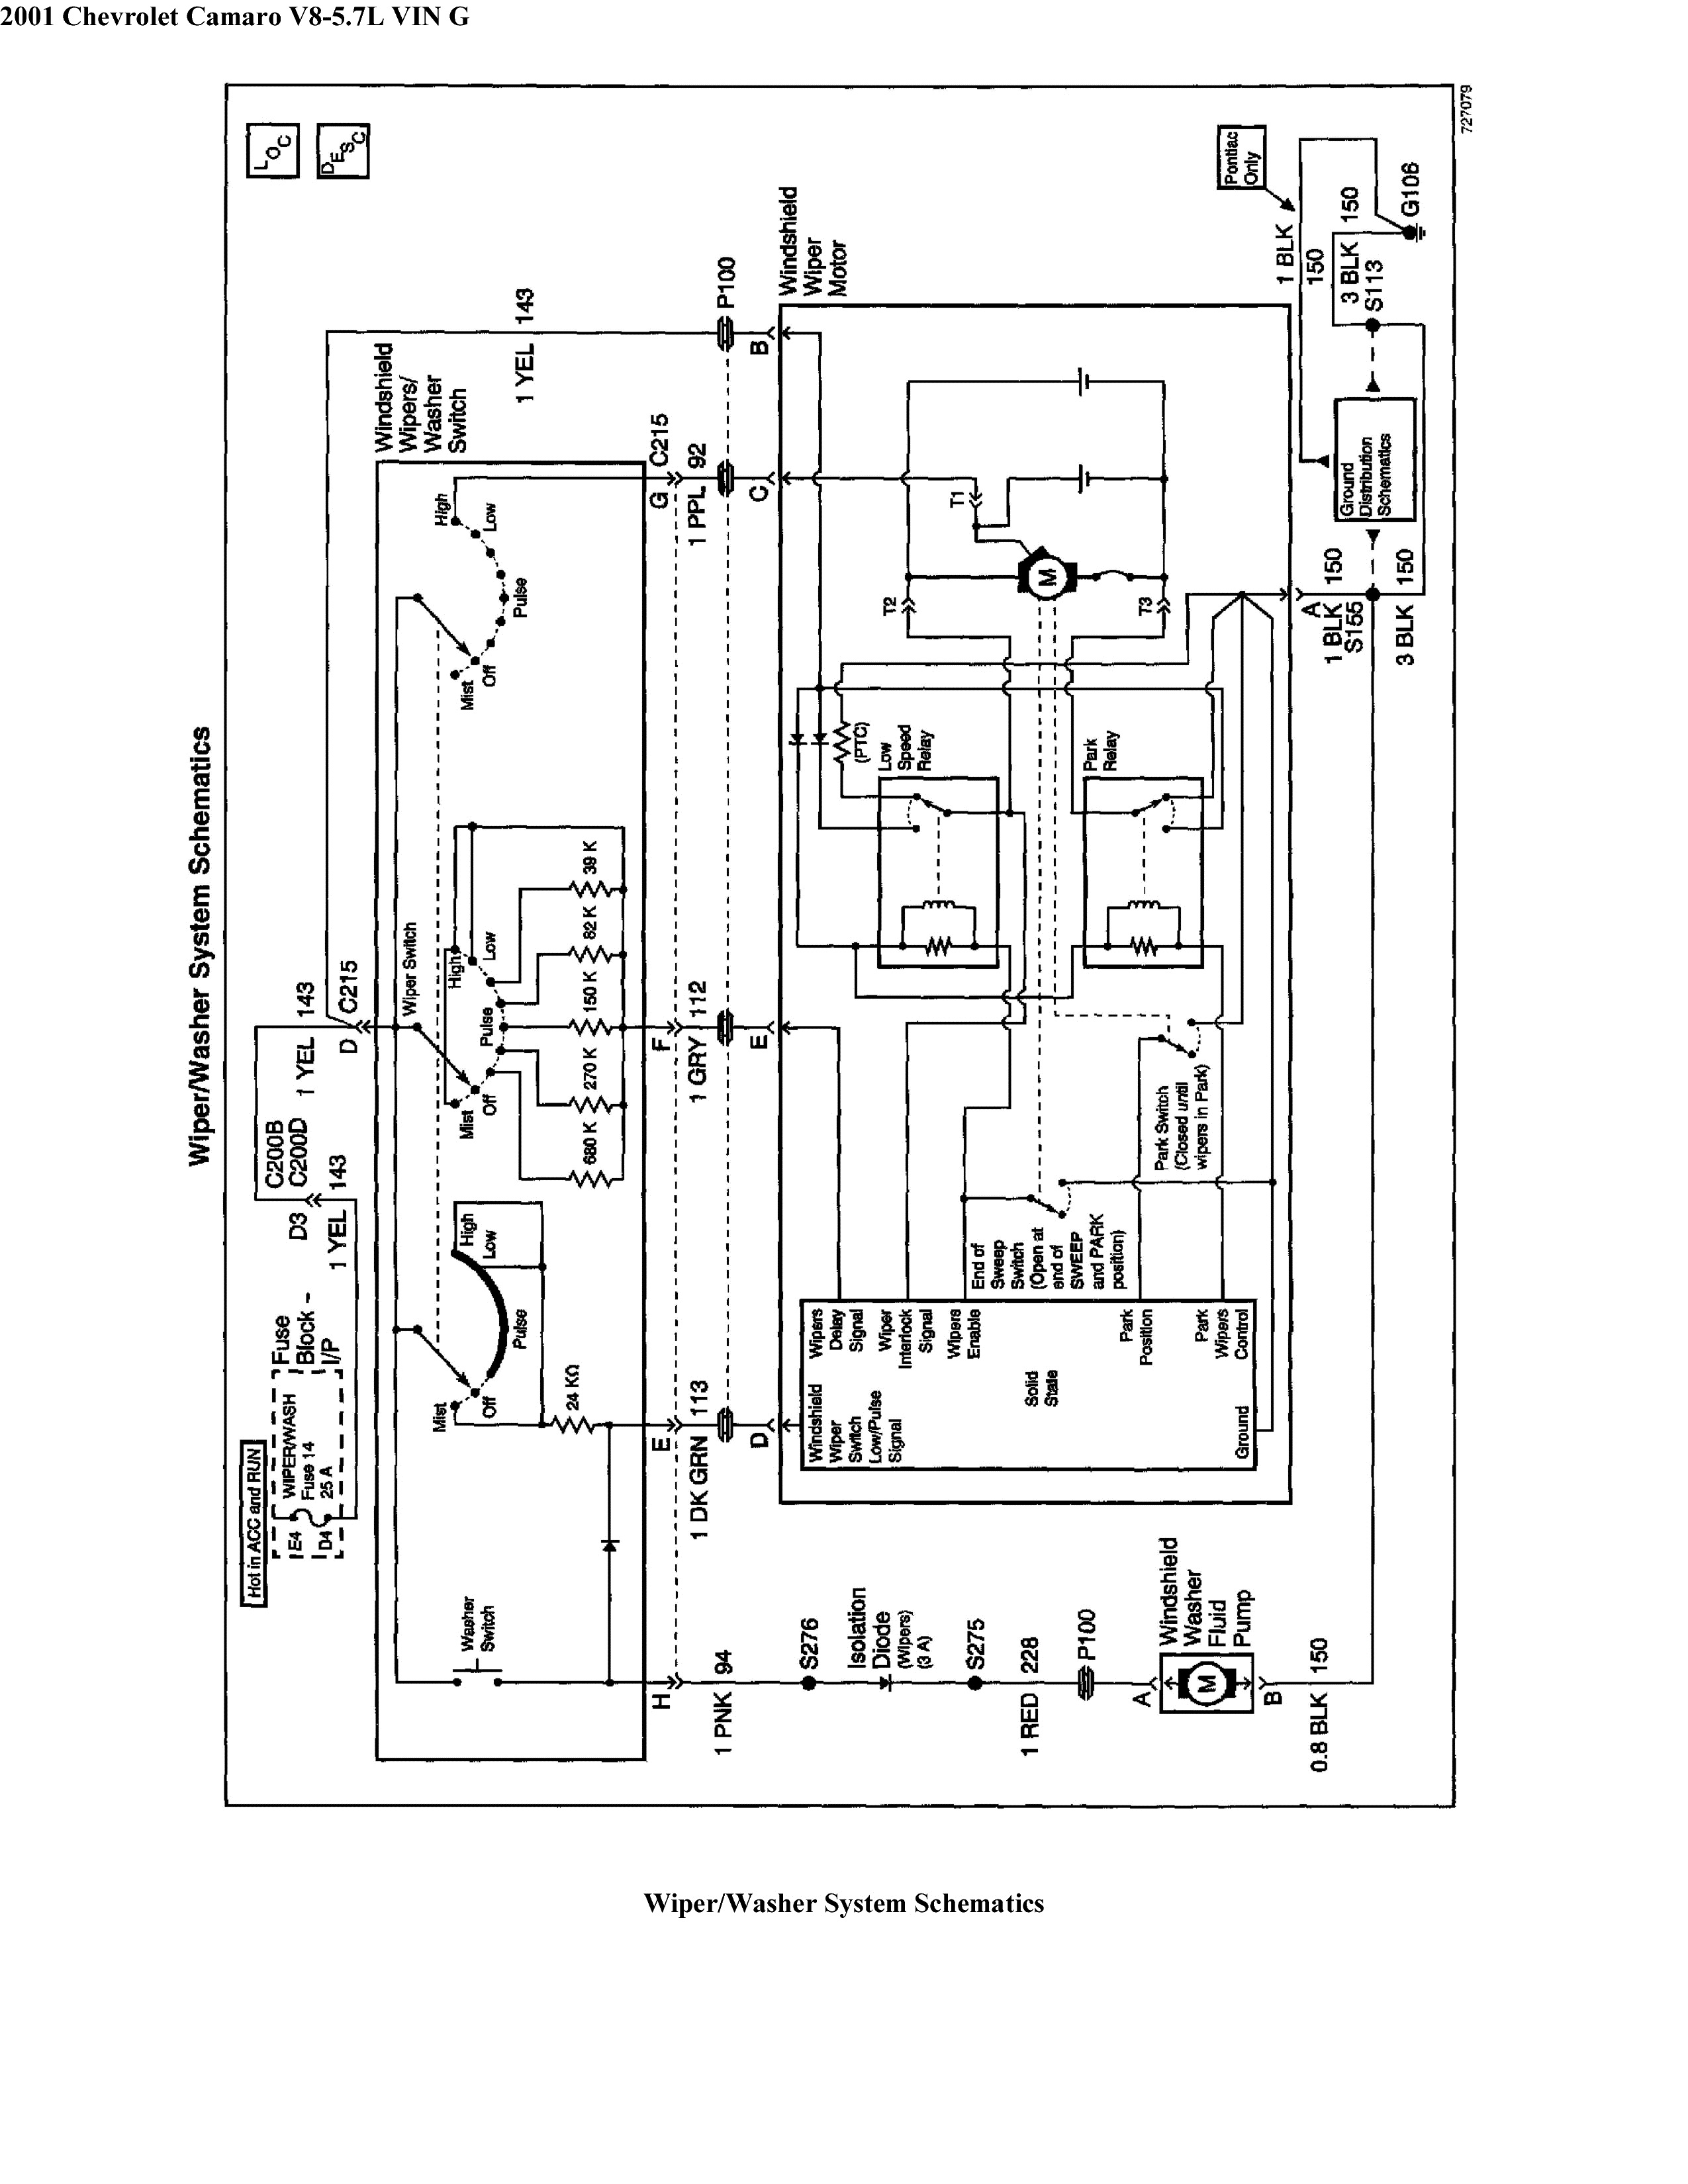 hvac motor wiring